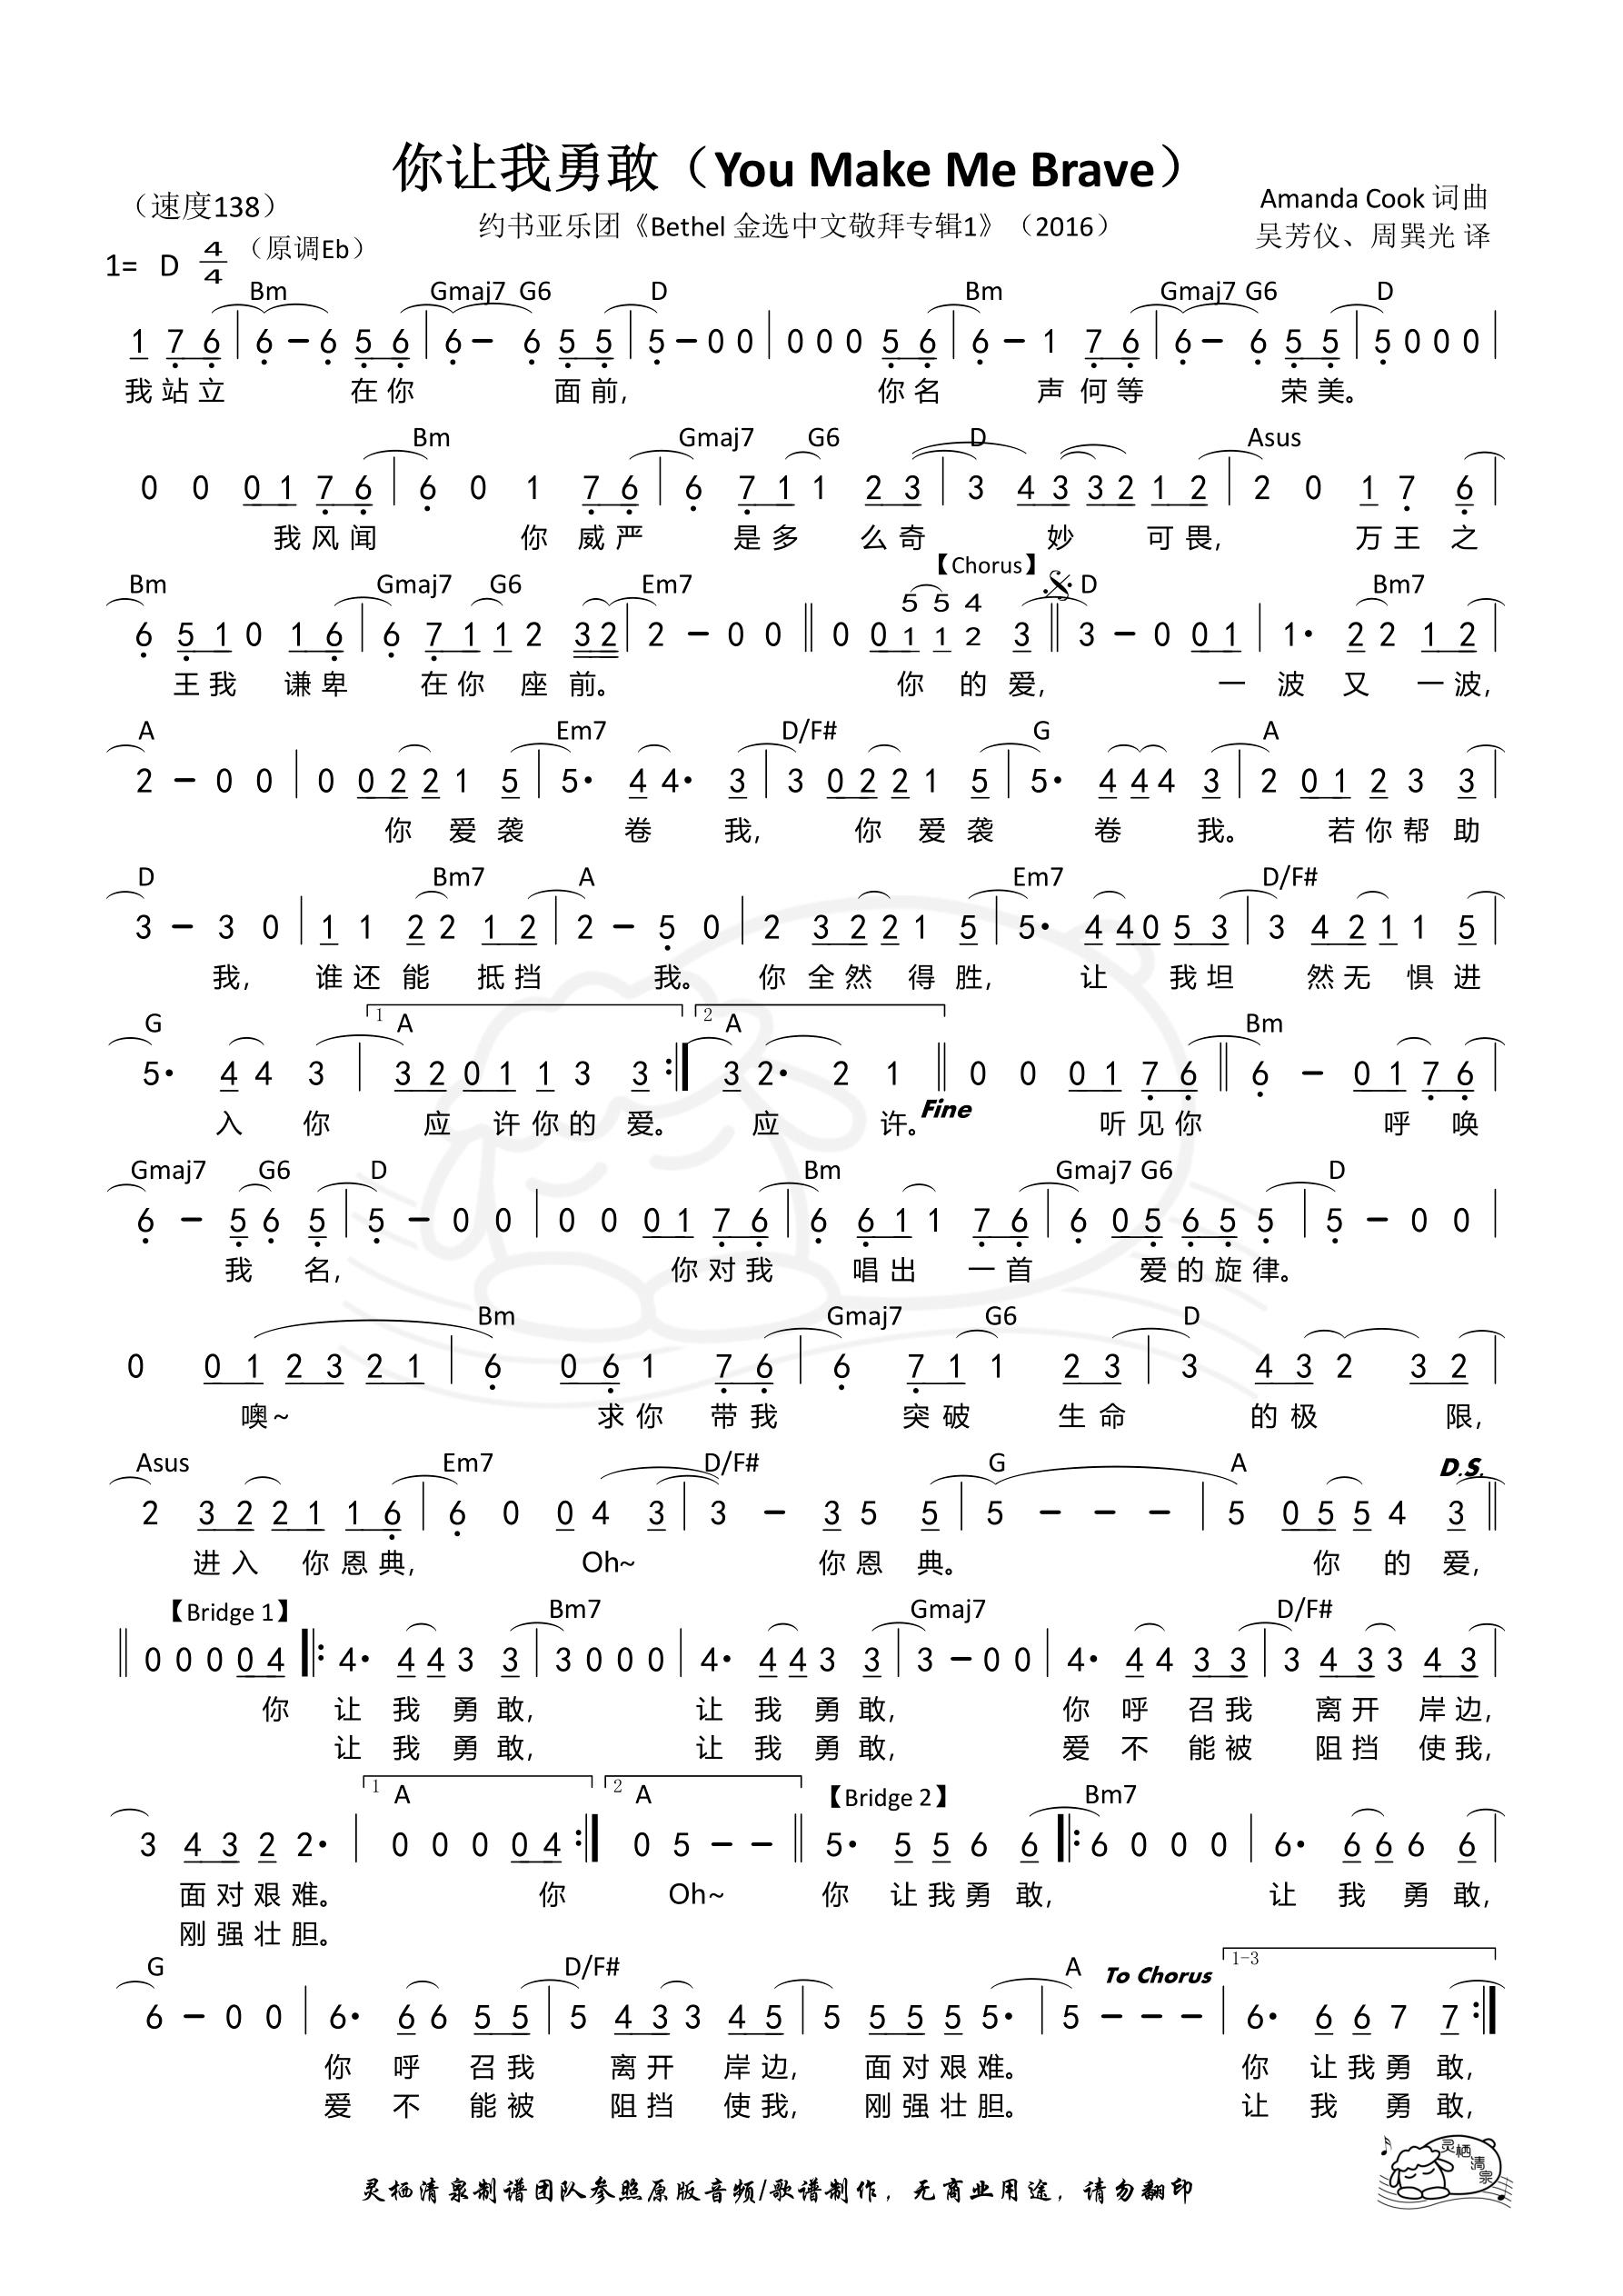 《第232首 - 你让我勇敢 和弦简谱》